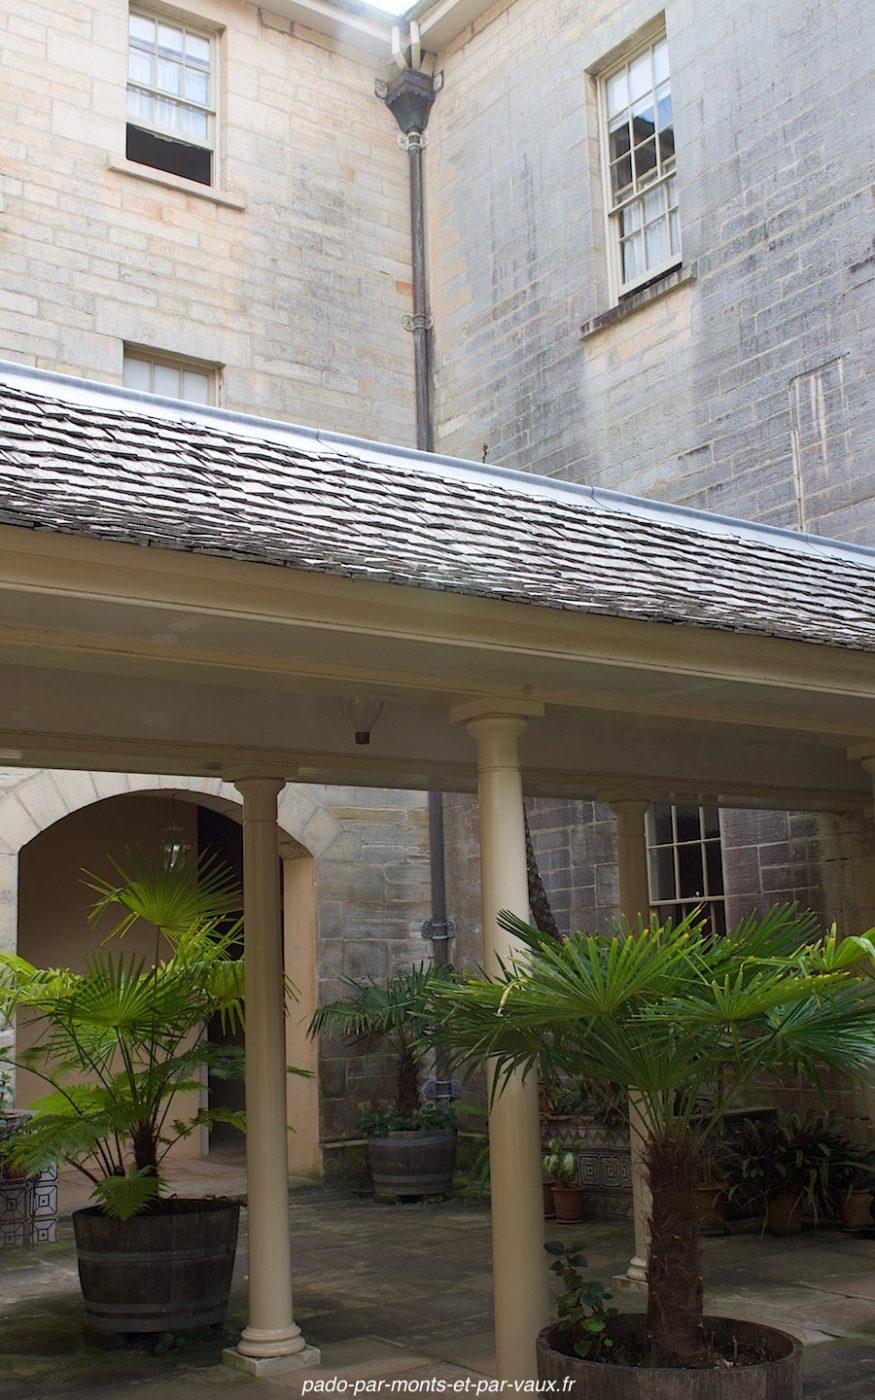 Vaucluse house